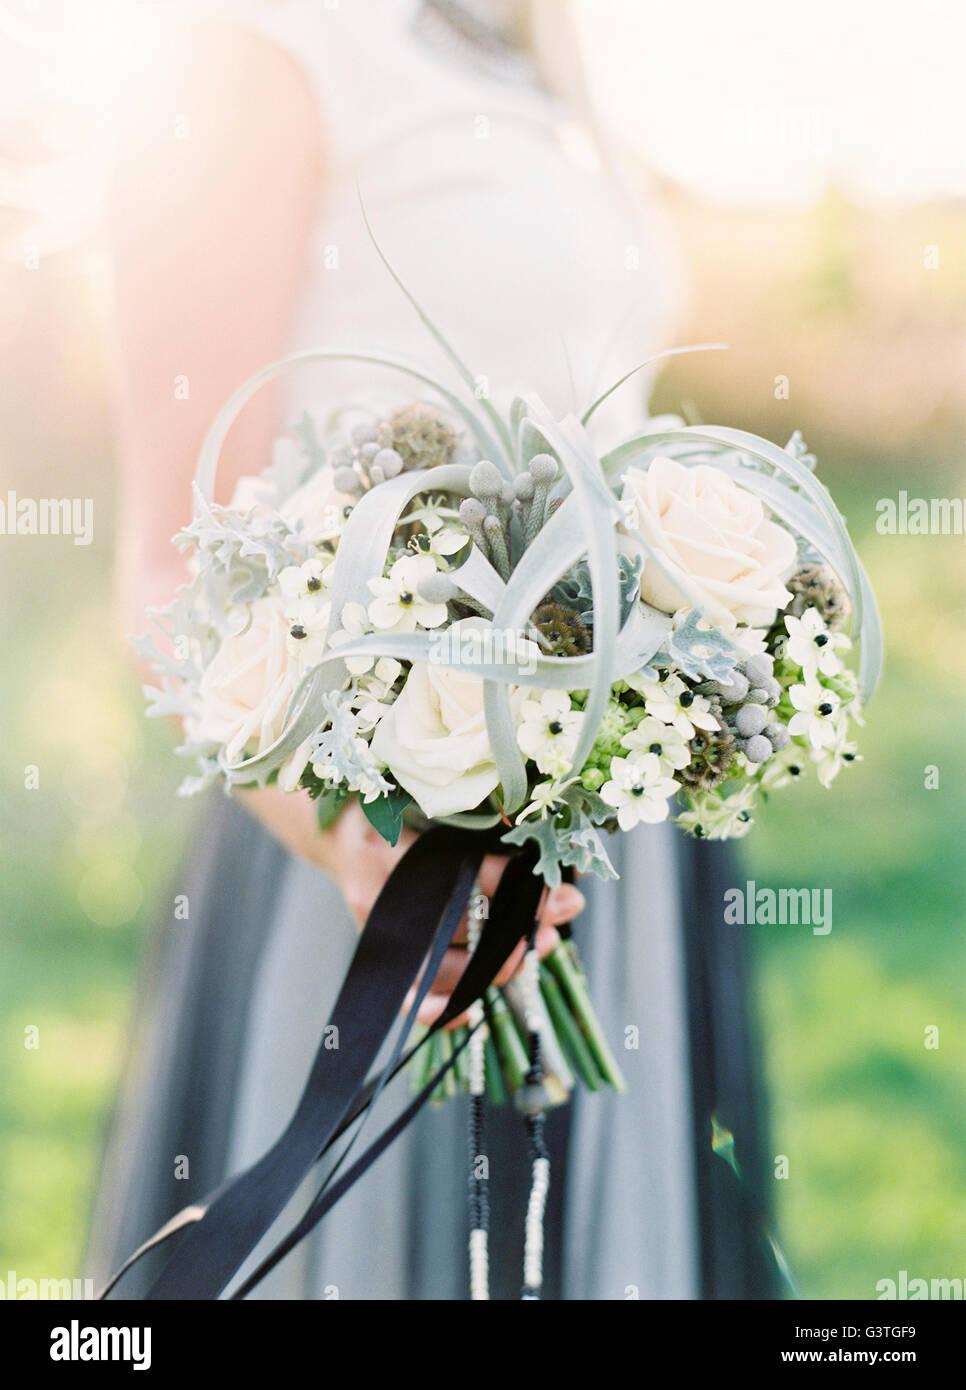 La Suède, près de bouquet de mariage blanc Banque D'Images